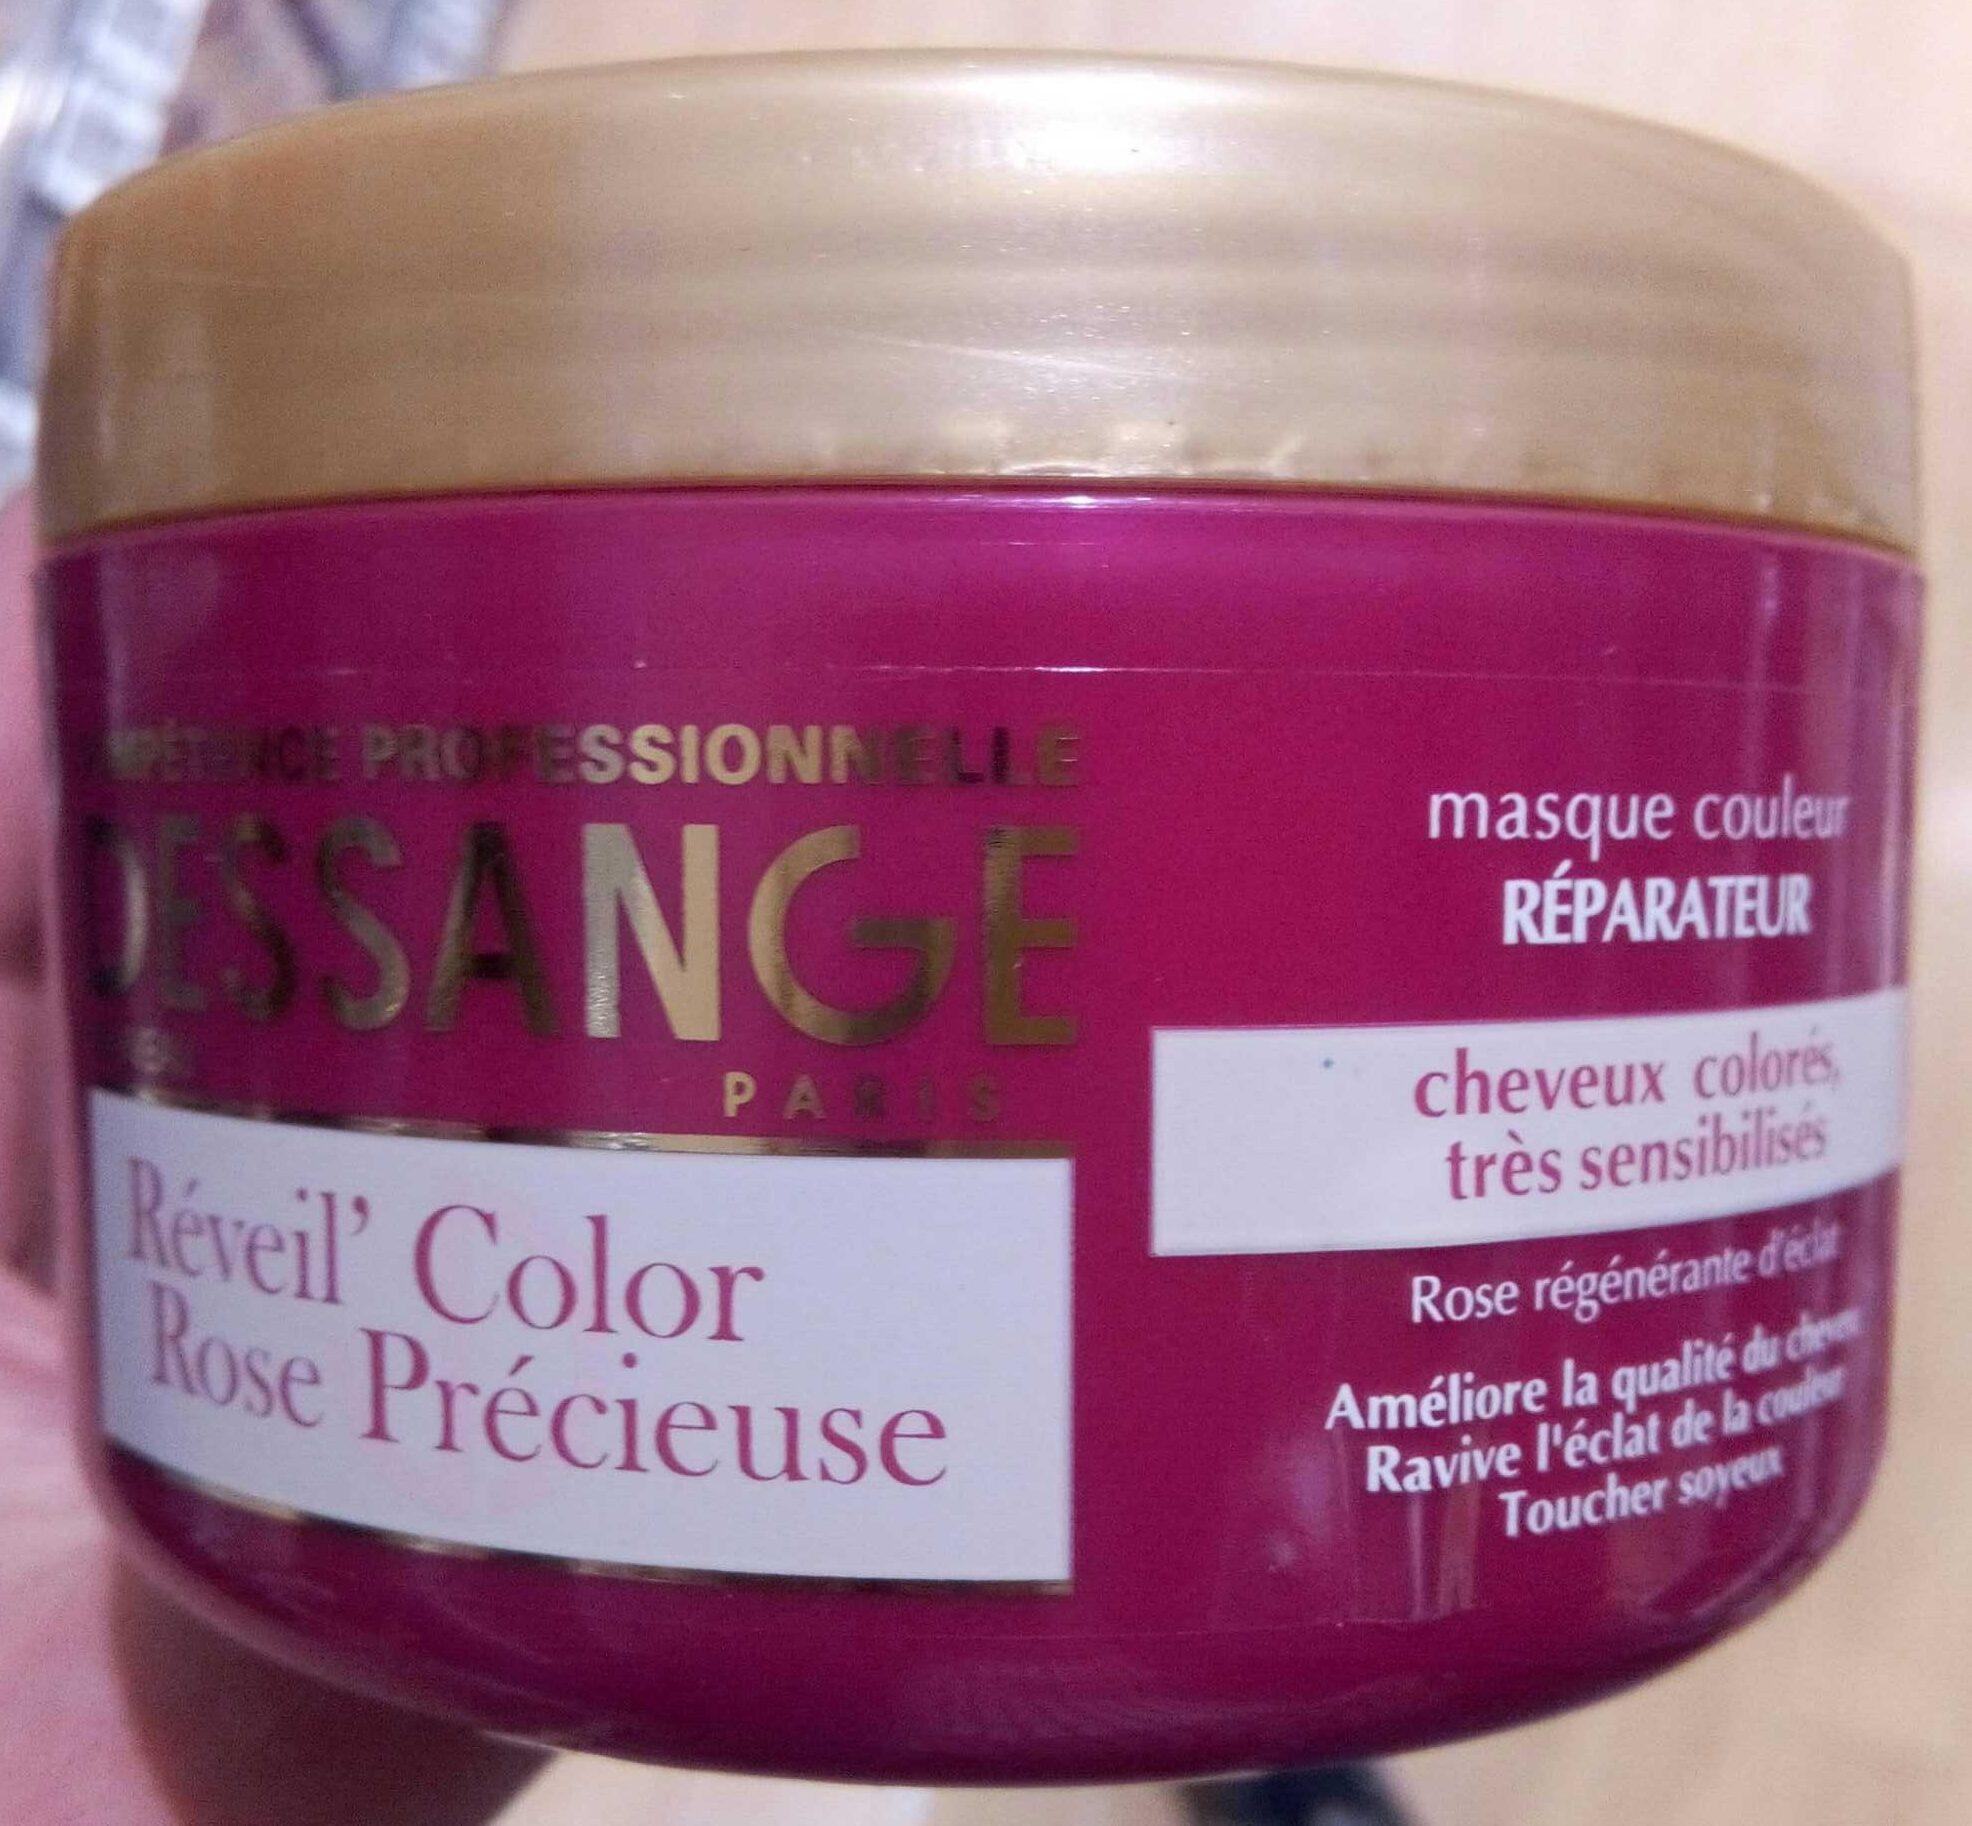 Réveil'Color Rose Précieuse - Product